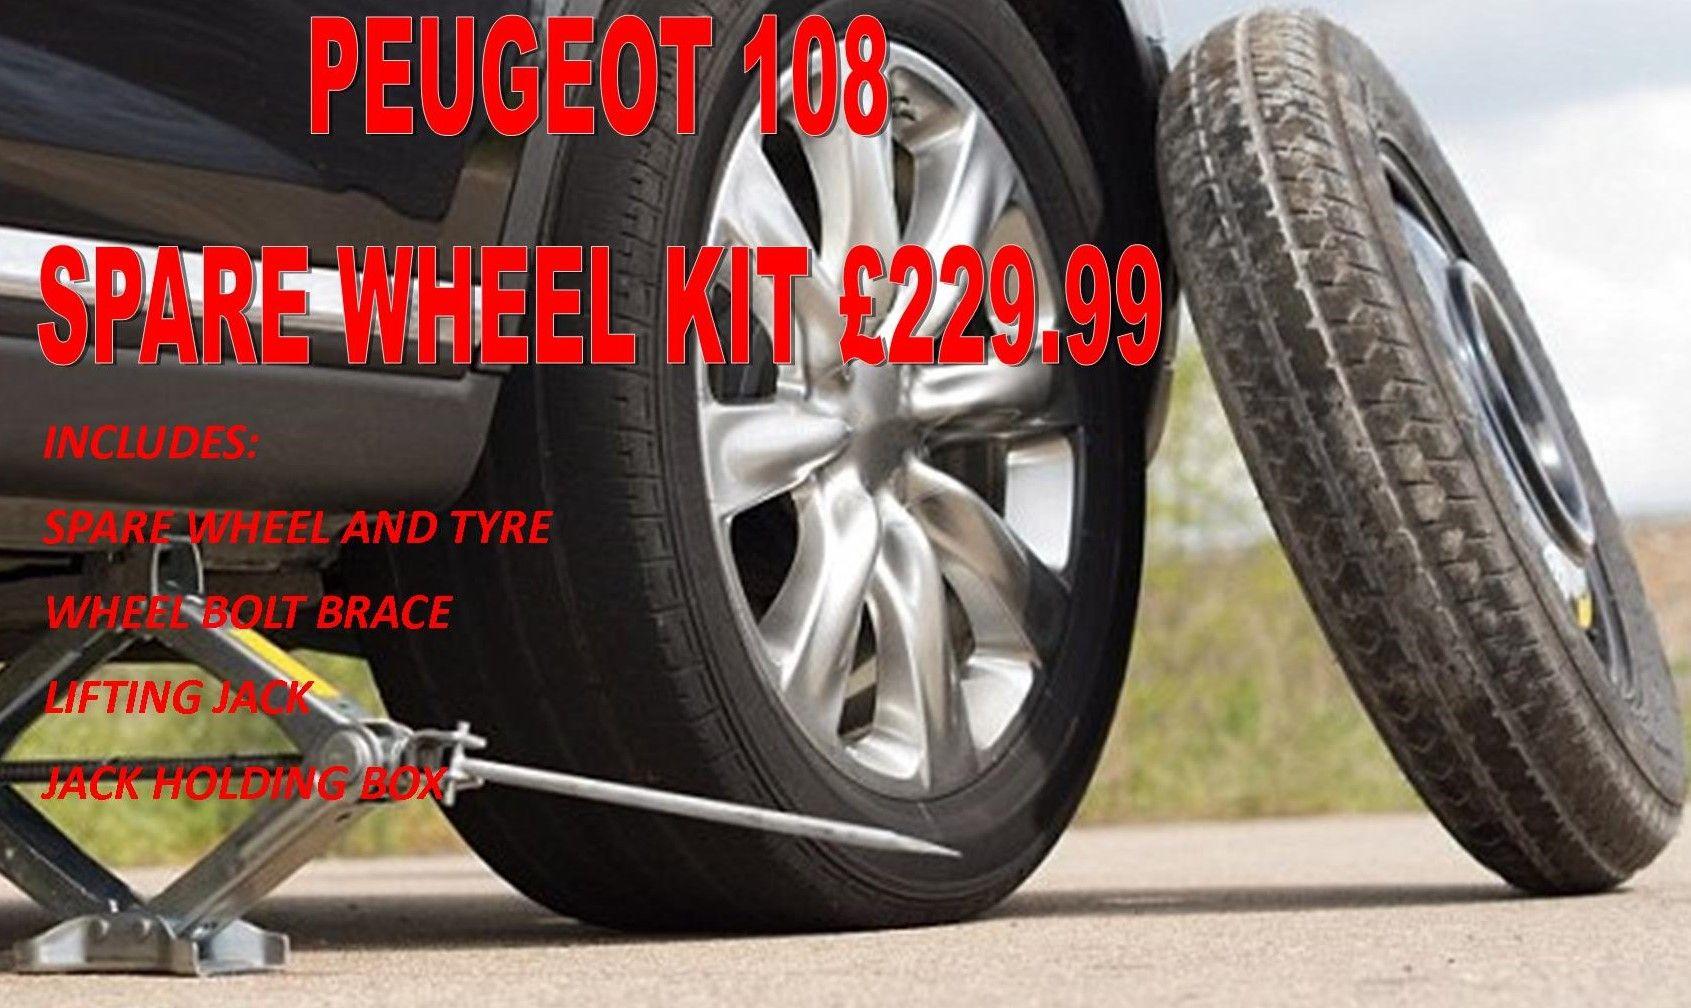 Parts Gateway Peugeot Crewe Crewe Cheshire